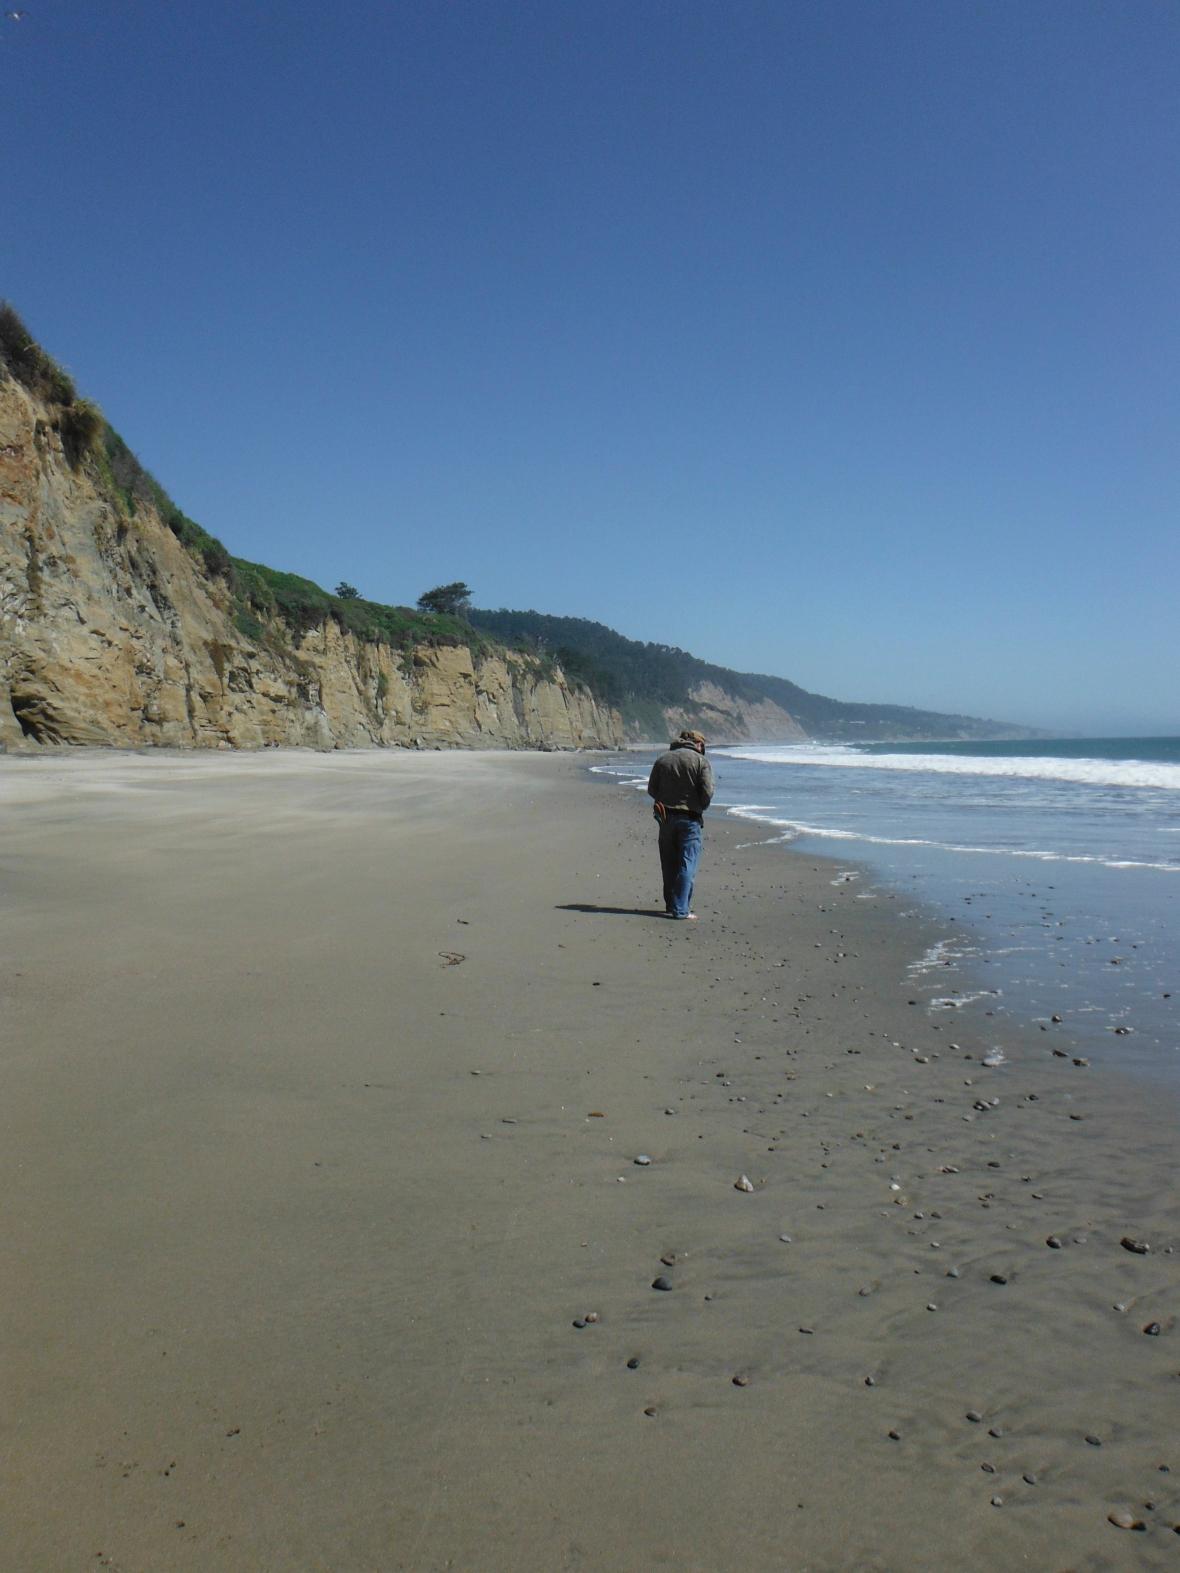 That's a beach!